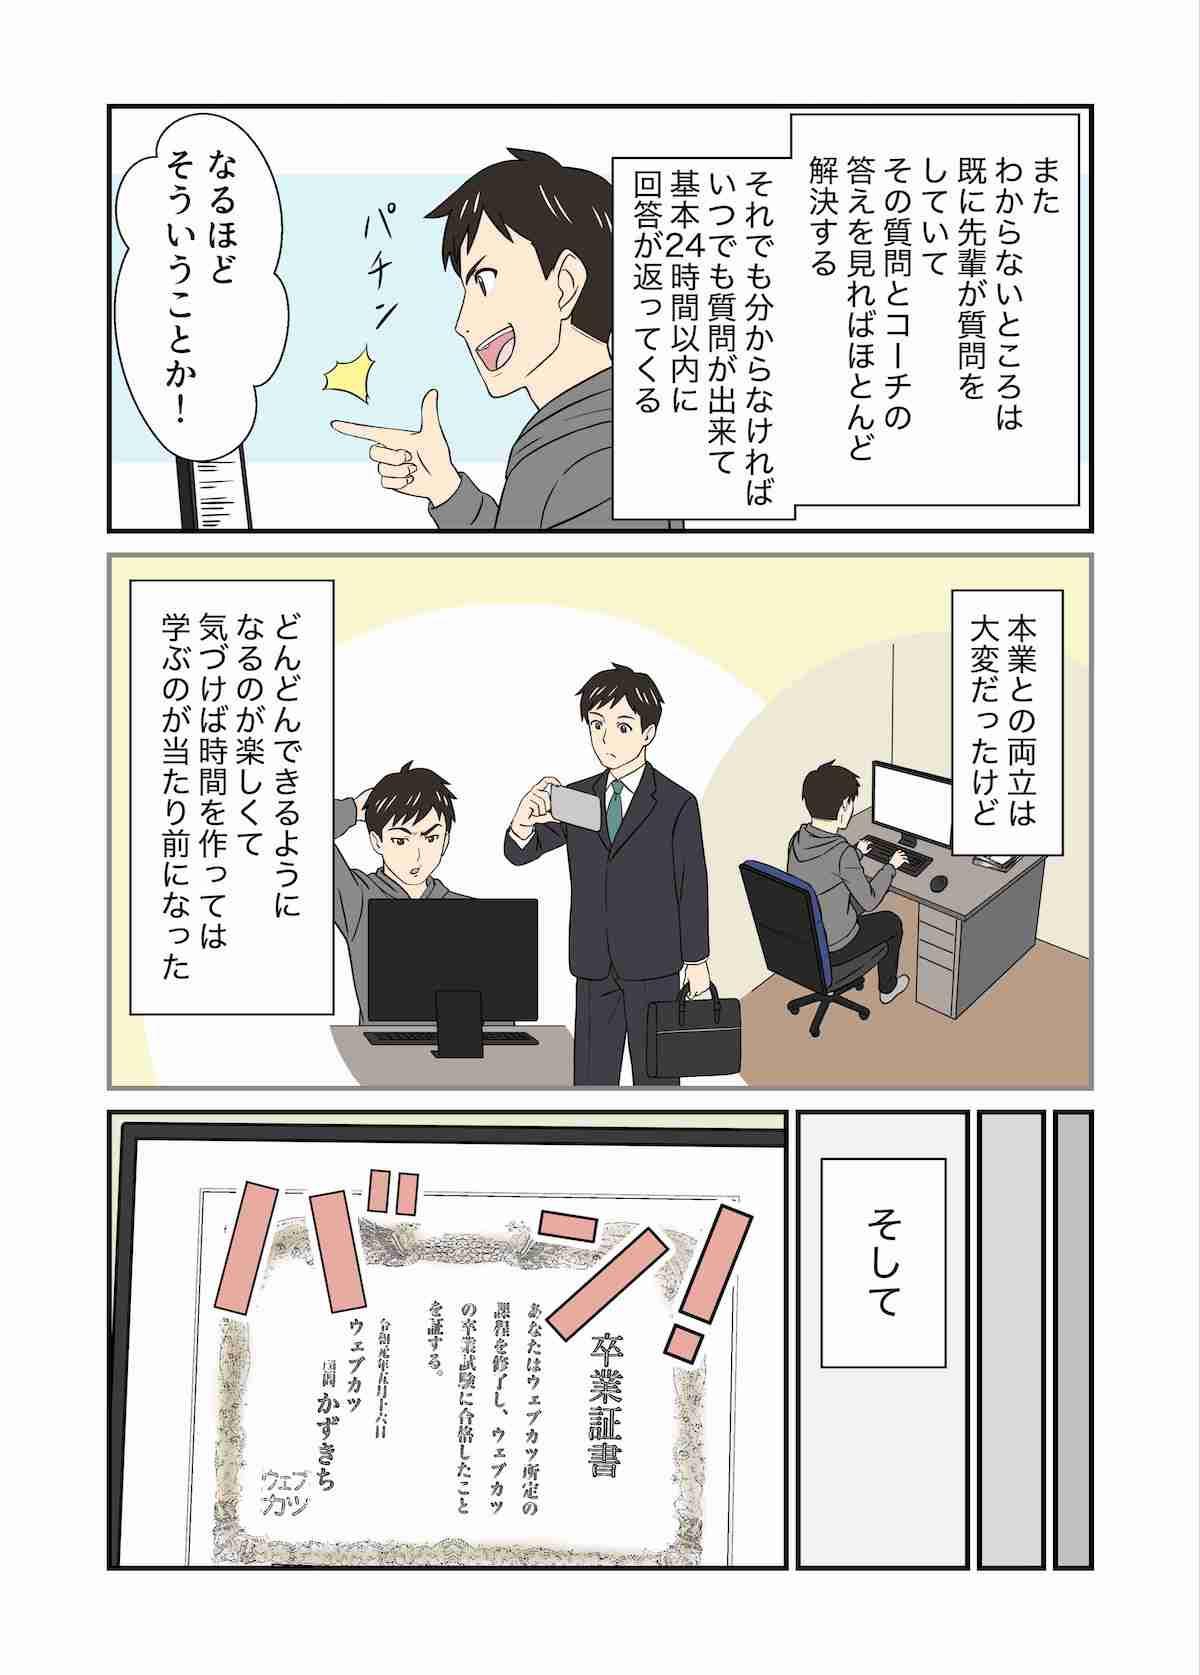 ウェブカツ漫画10ページ目